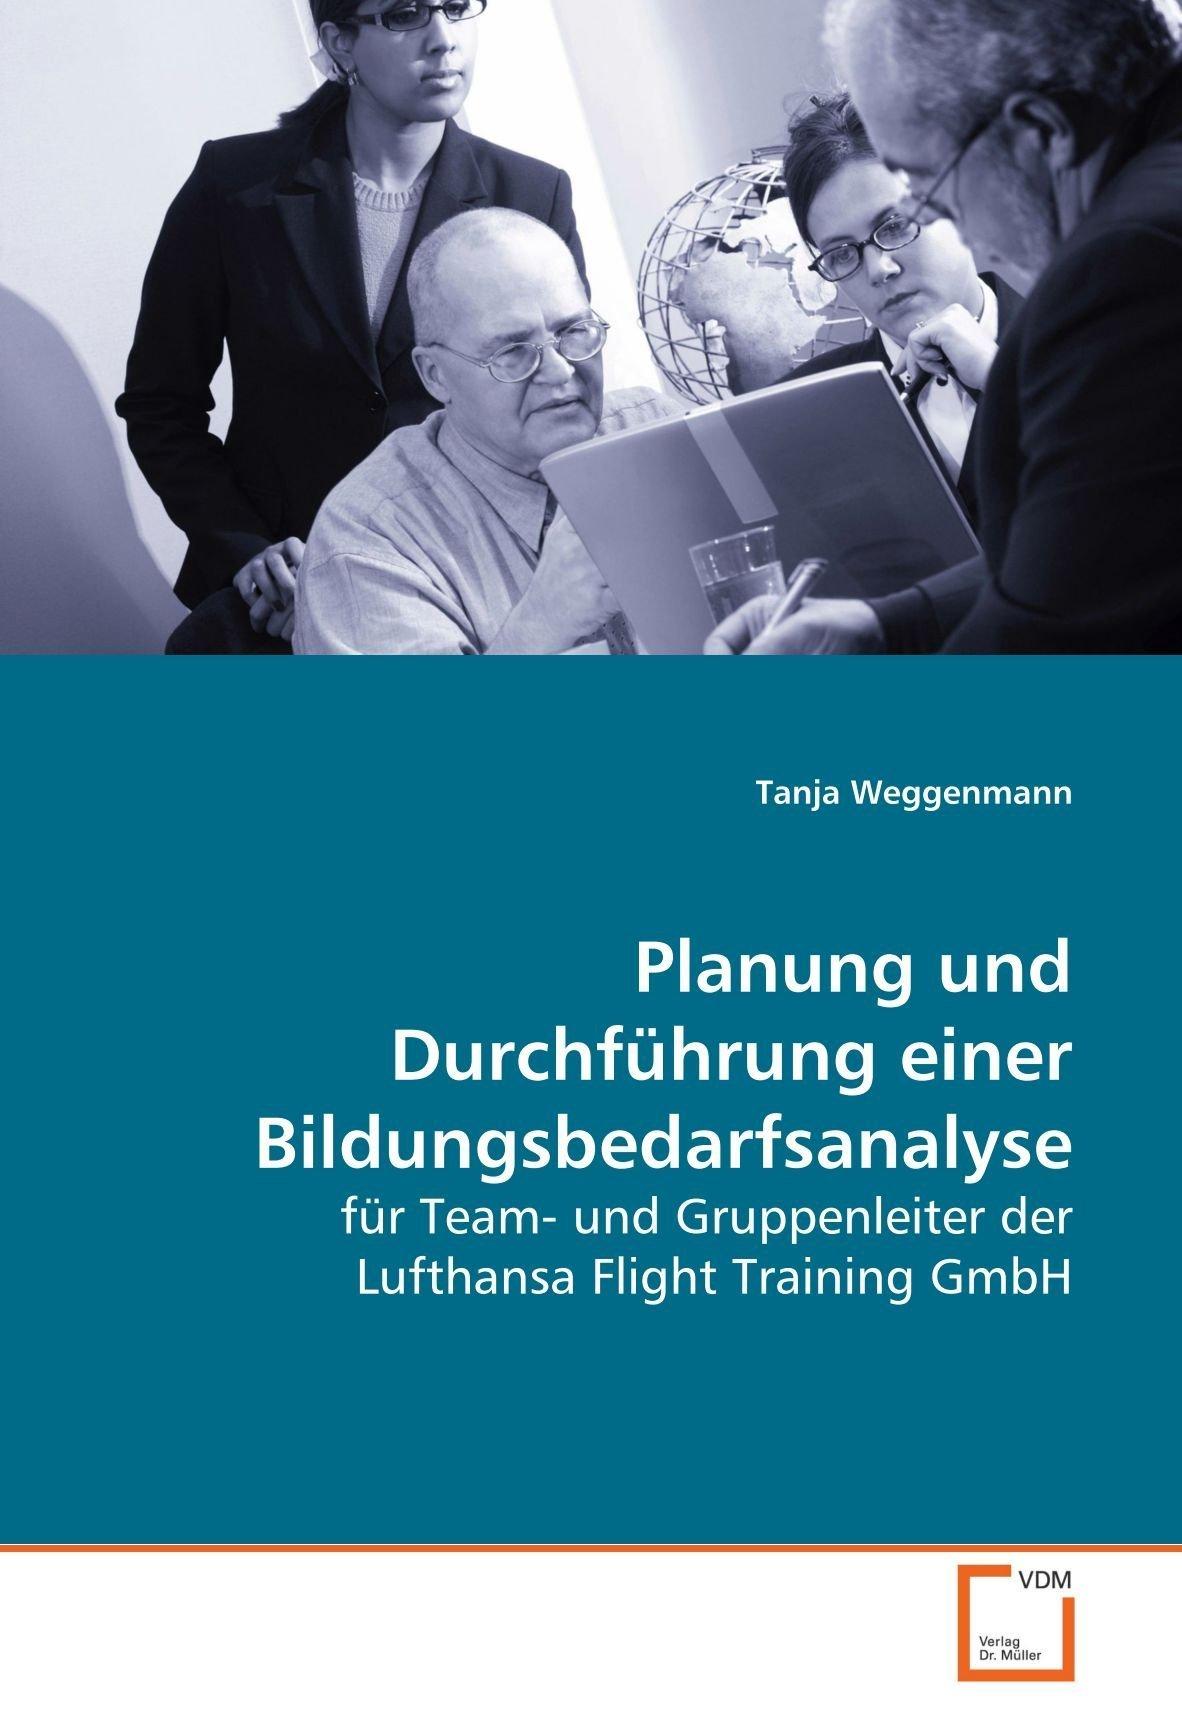 Planung und Durchführung einer Bildungsbedarfsanalyse: für Team- und Gruppenleiter der Lufthansa Flight Training GmbH